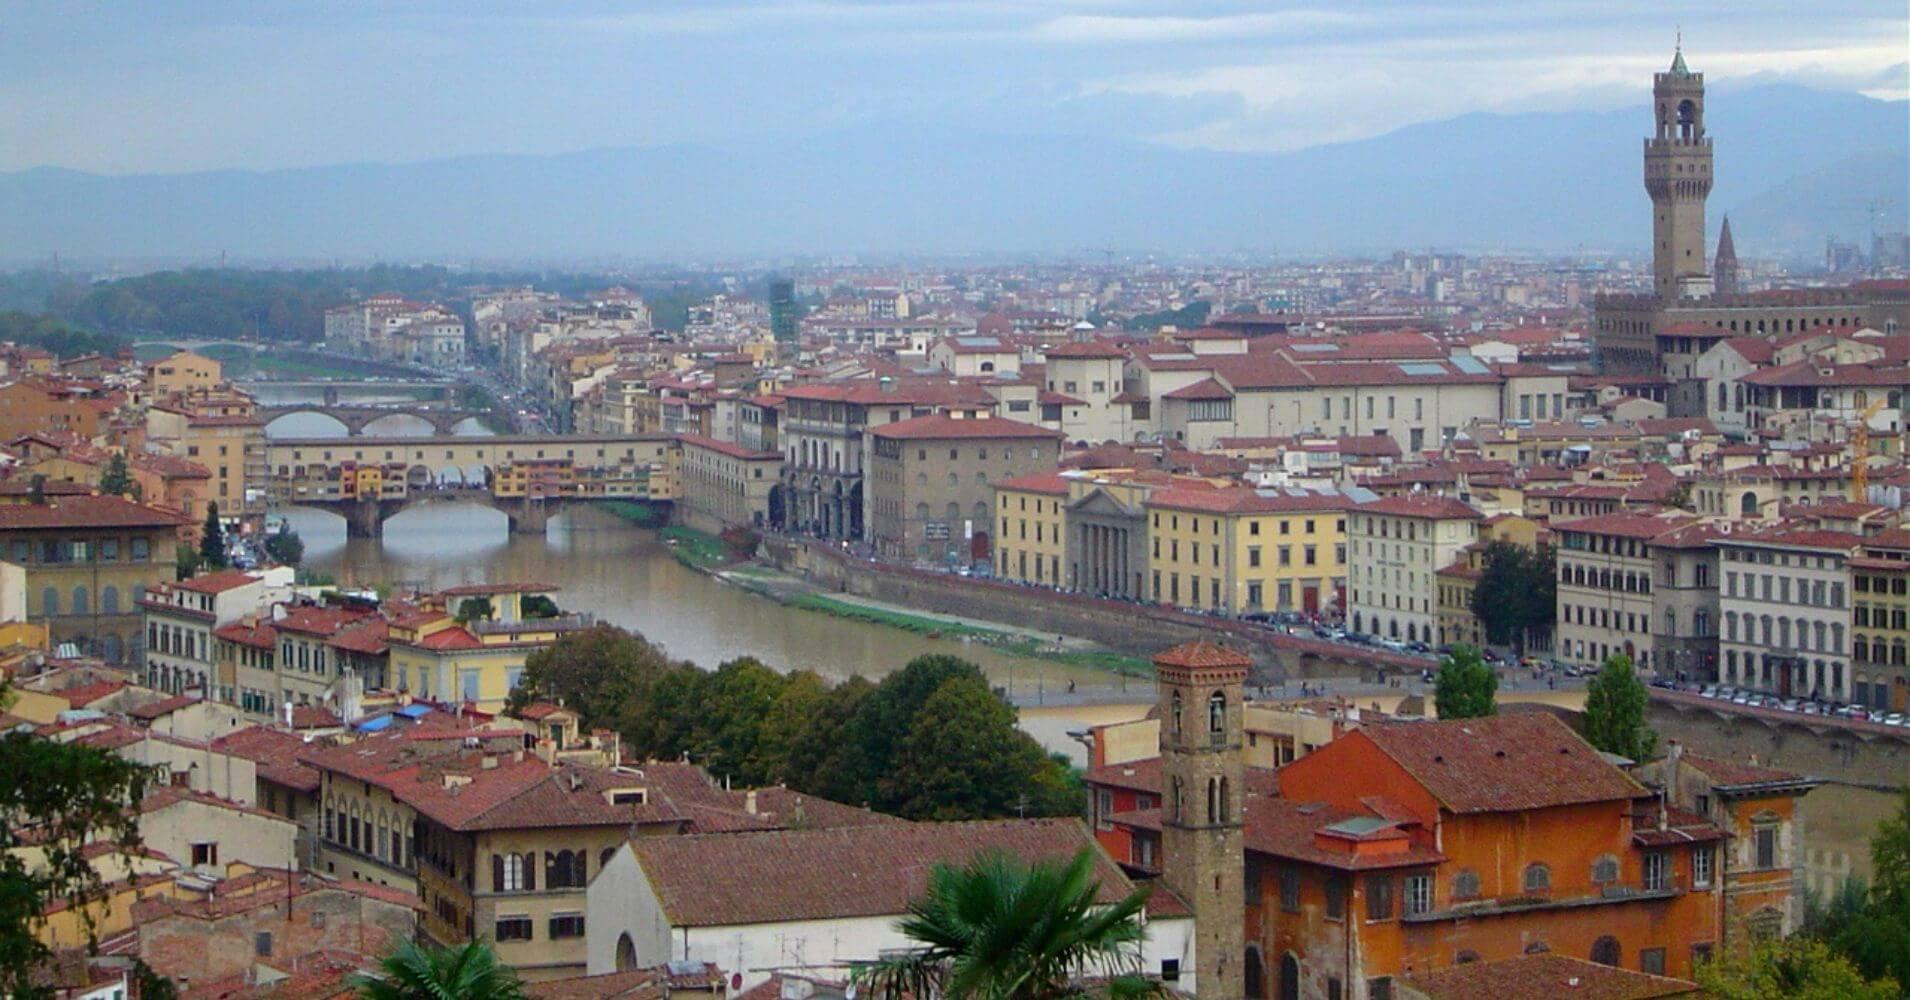 Vista desde el Parque San Michelangelo. Florencia, Toscana. Italia.